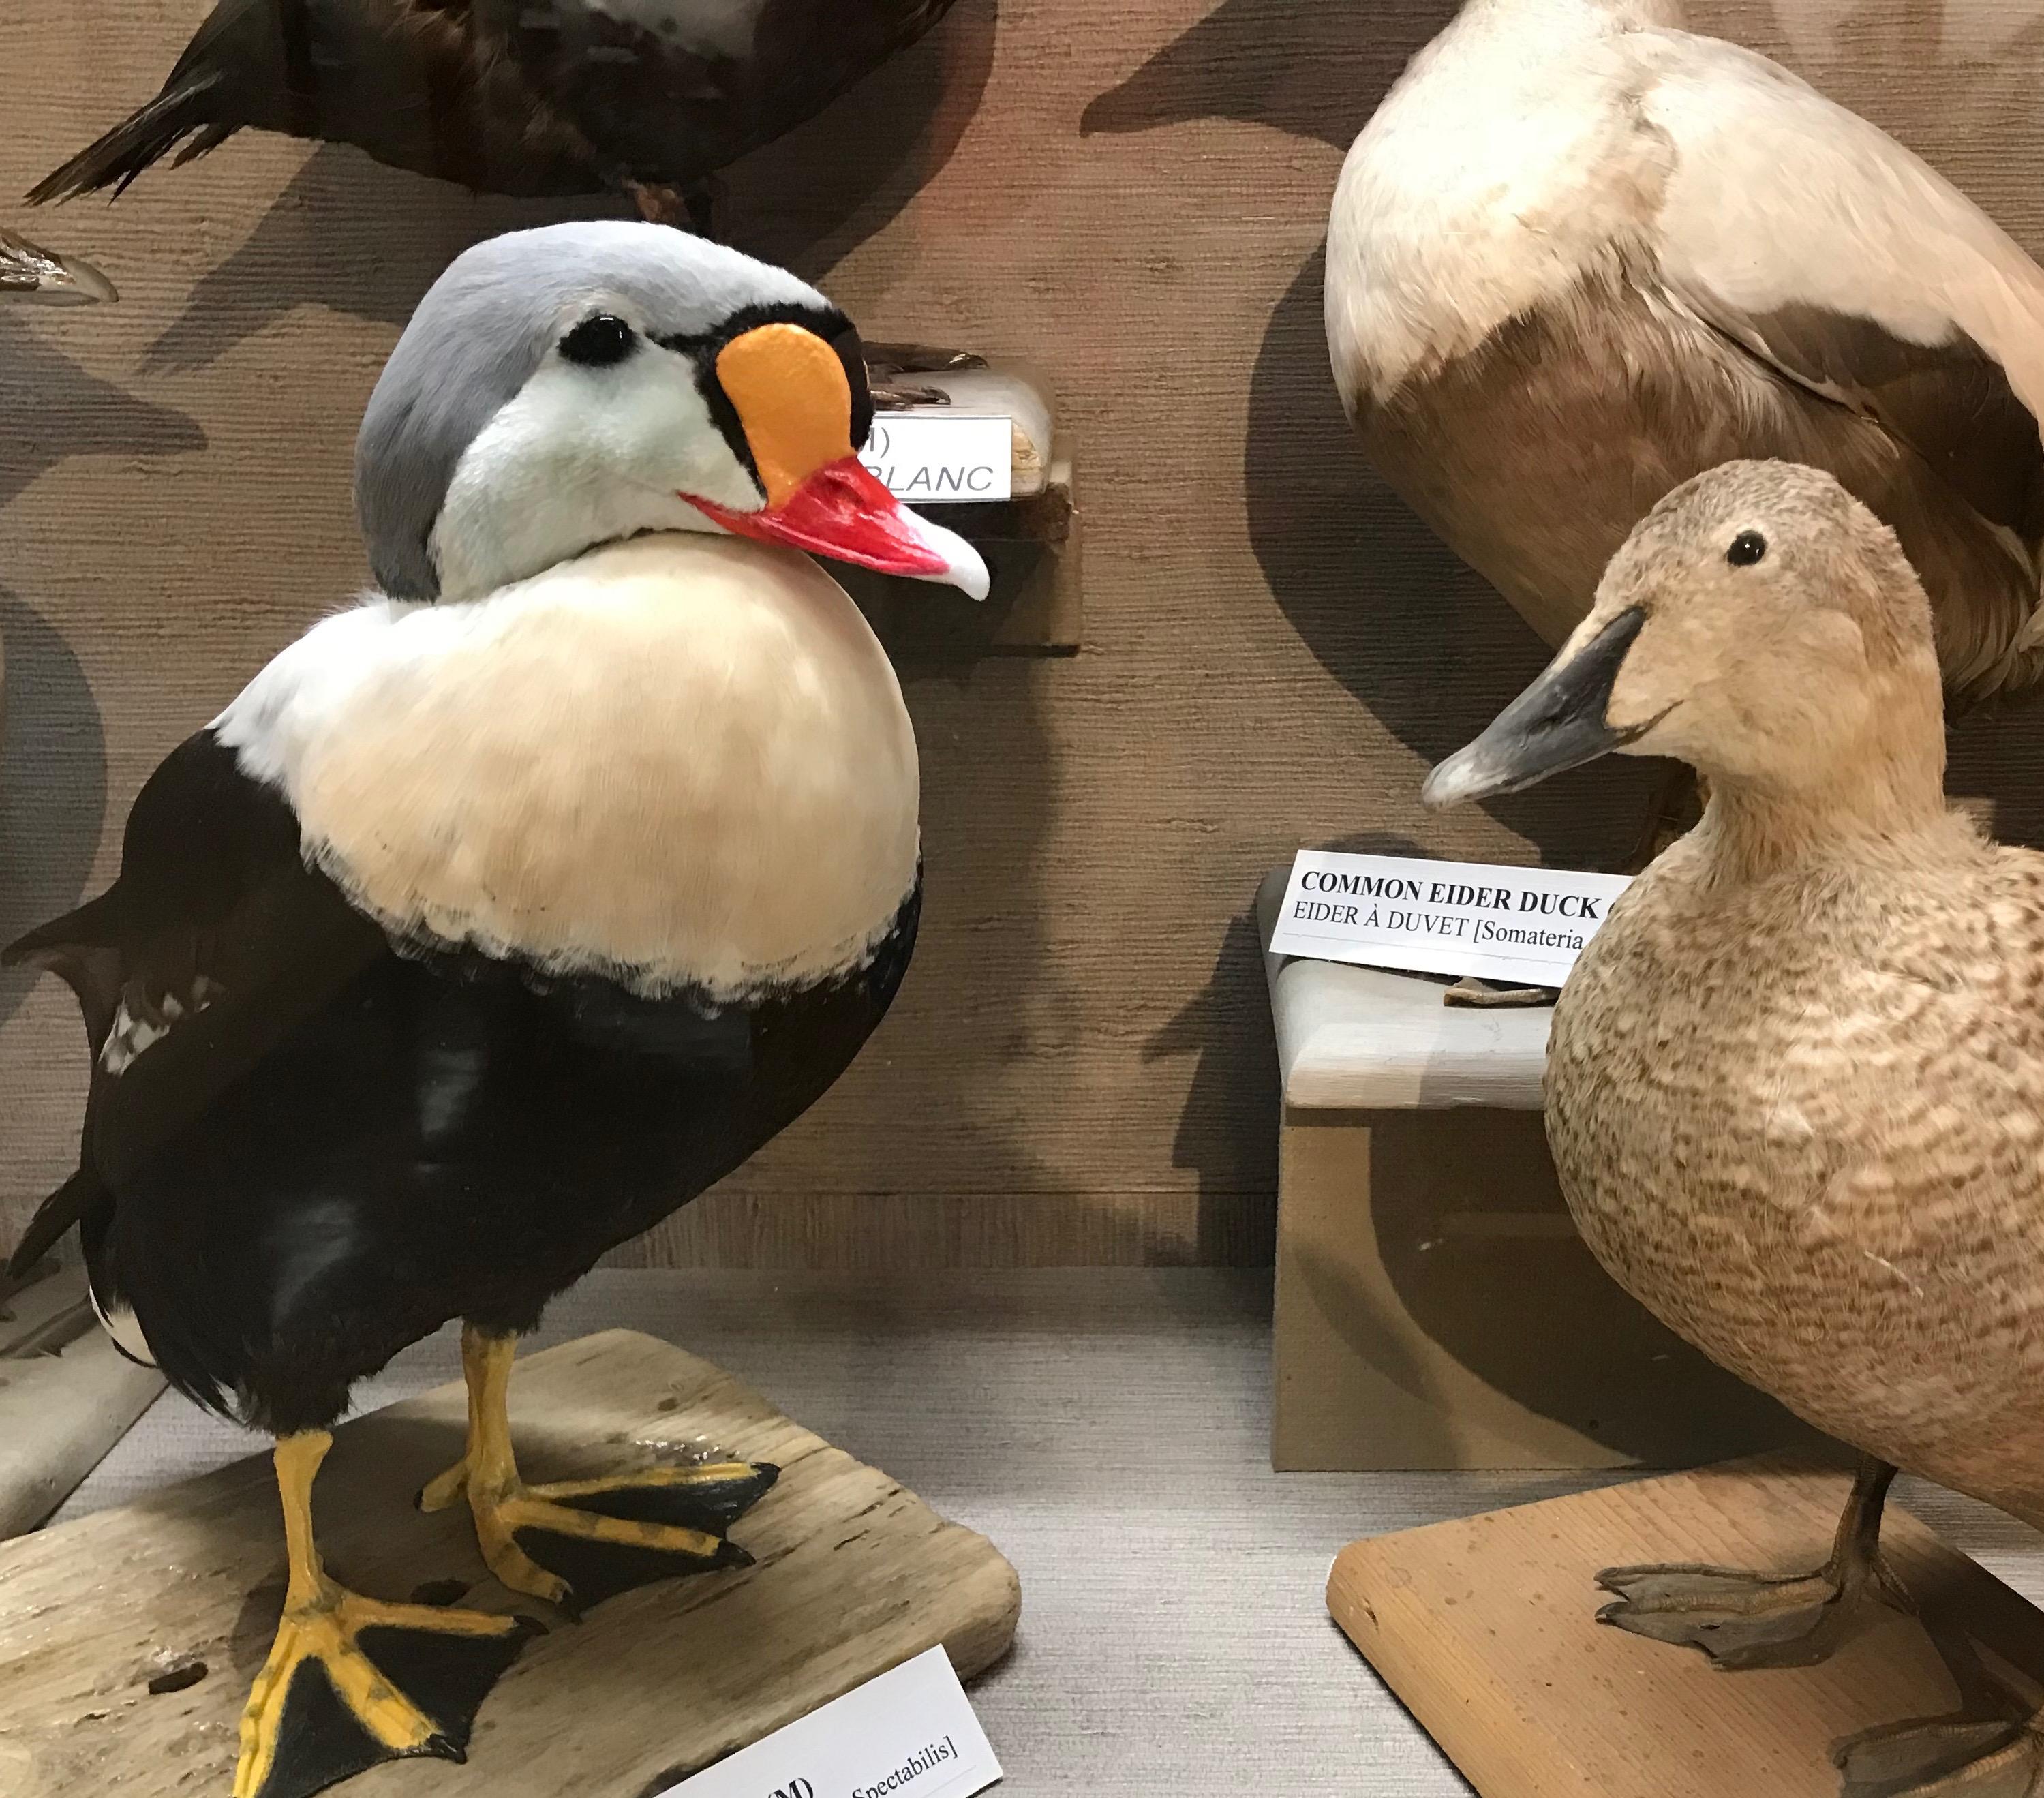 https://0901.nccdn.net/4_2/000/000/06c/bba/3-permanent-exhibits-main-level-1st-link-allan-moses-bird-galler.jpg